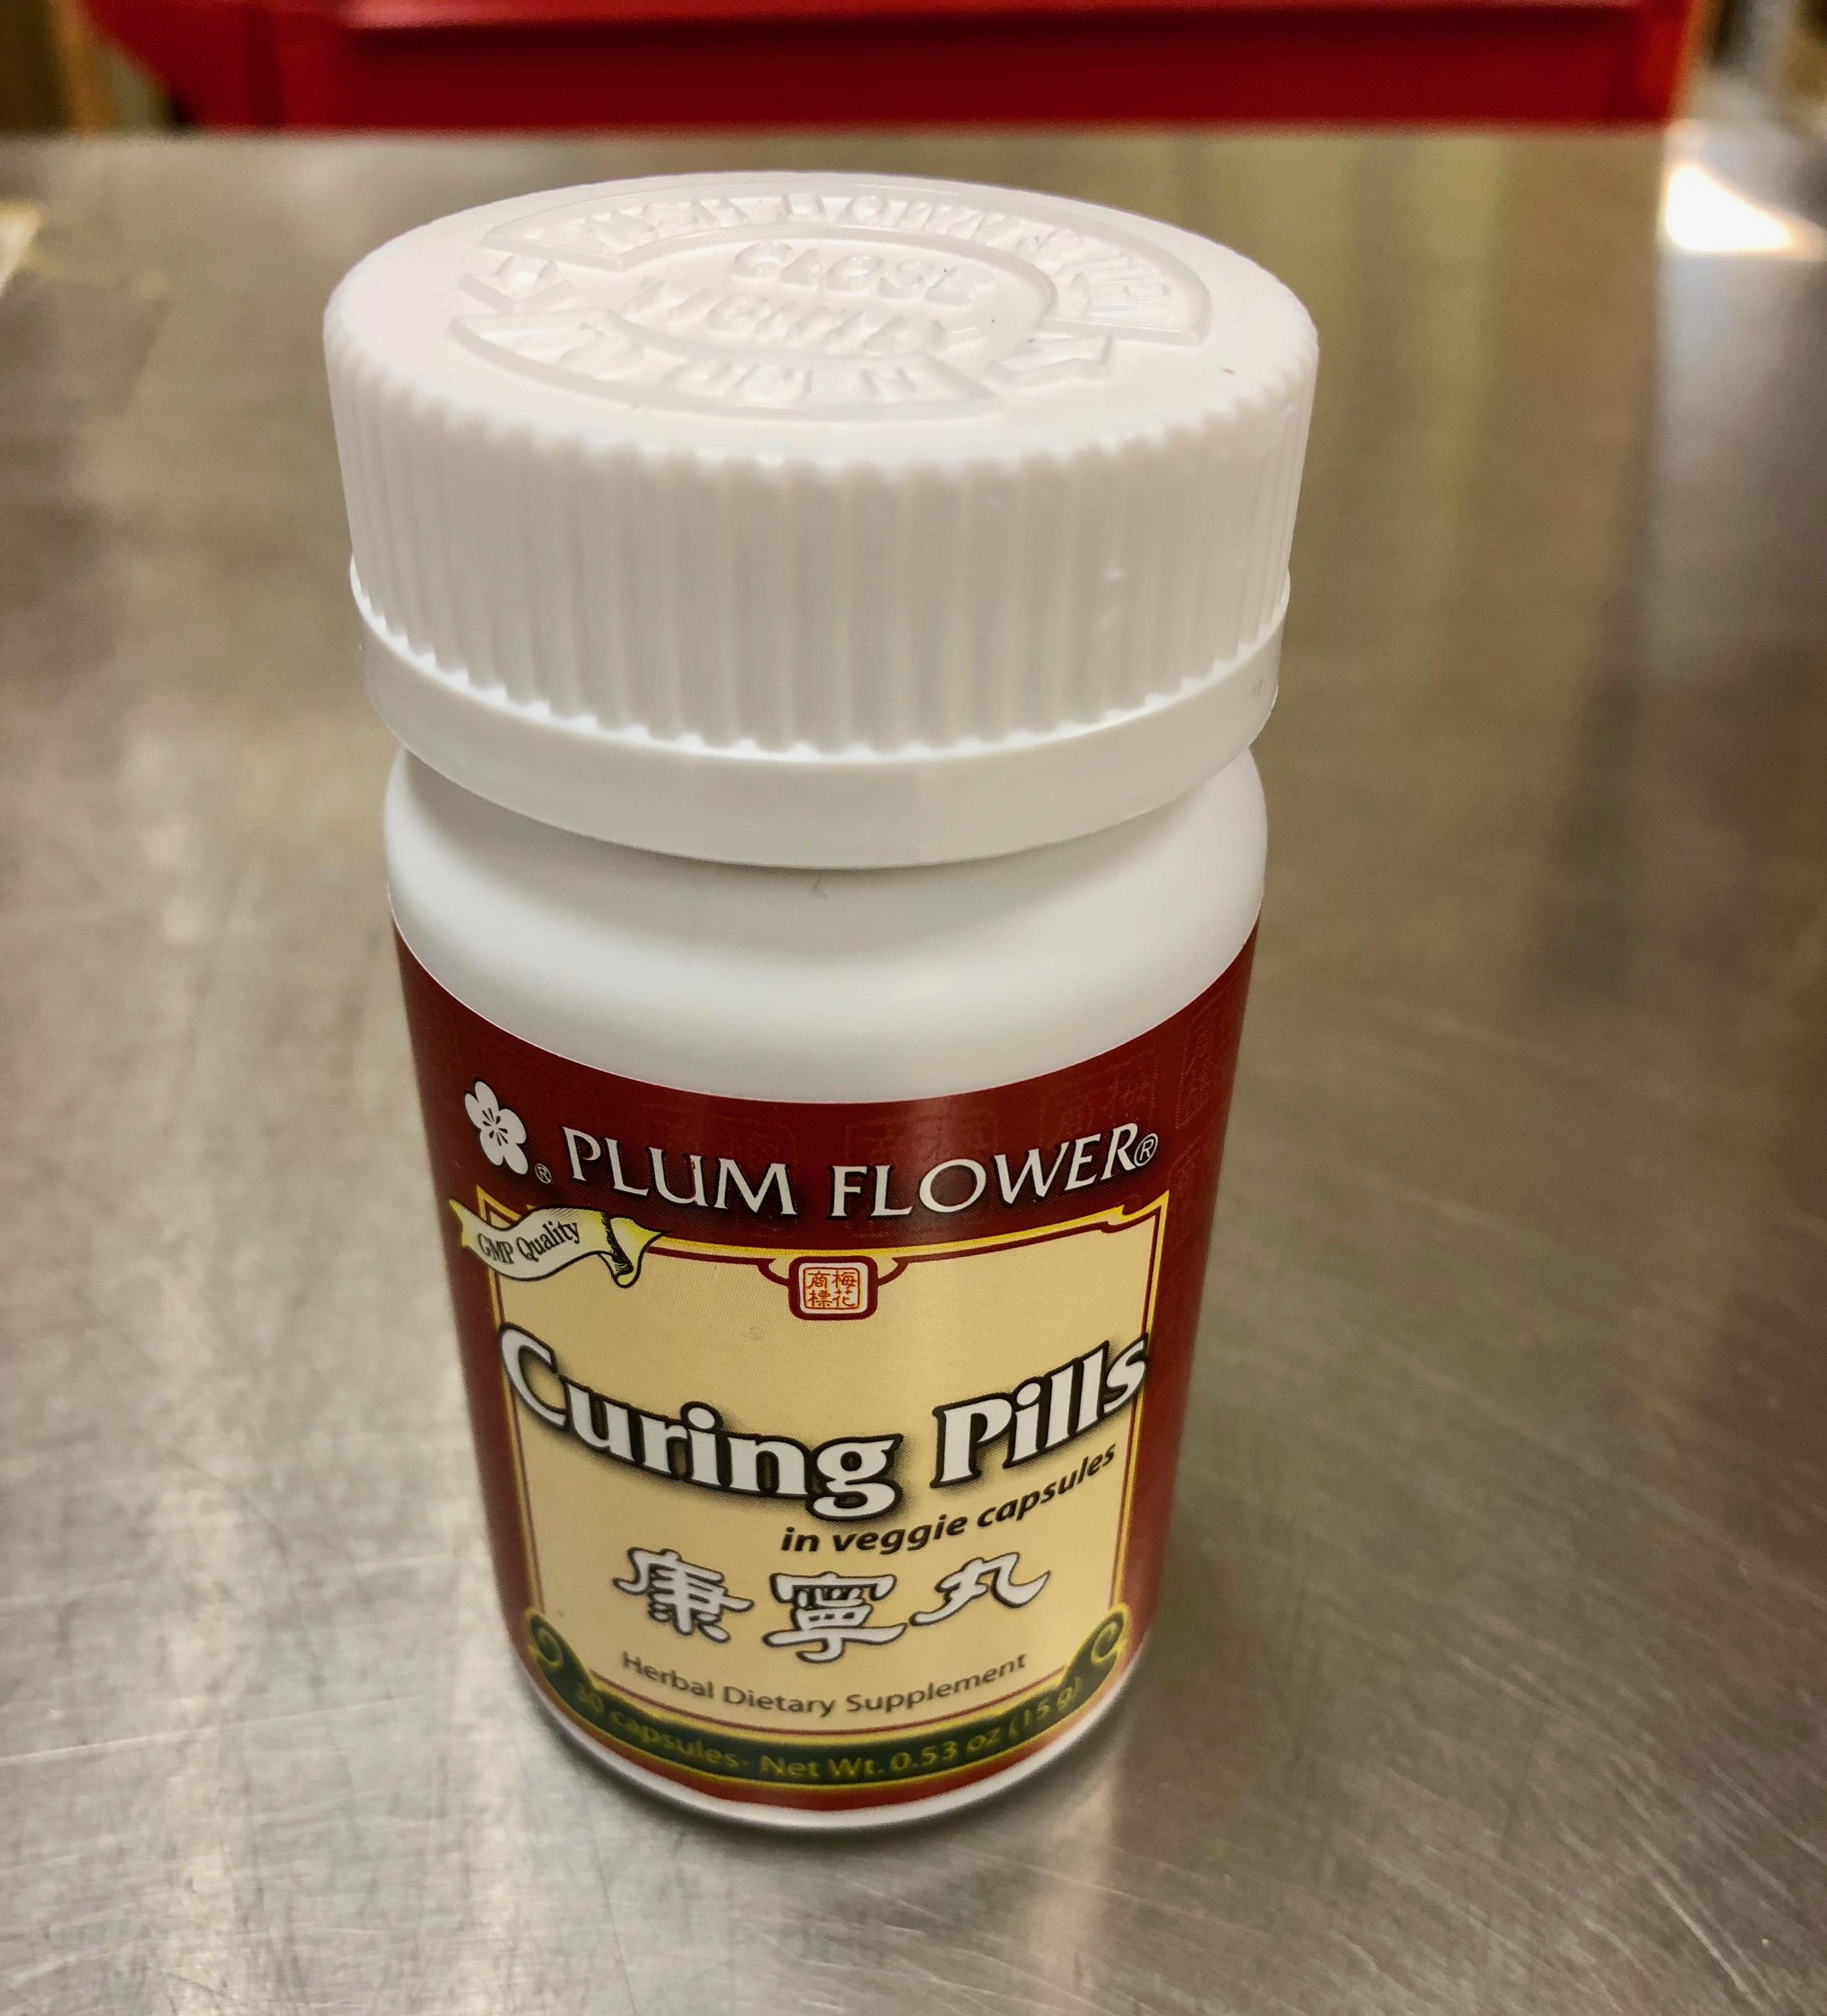 Curing Pills AOMA Austin TX